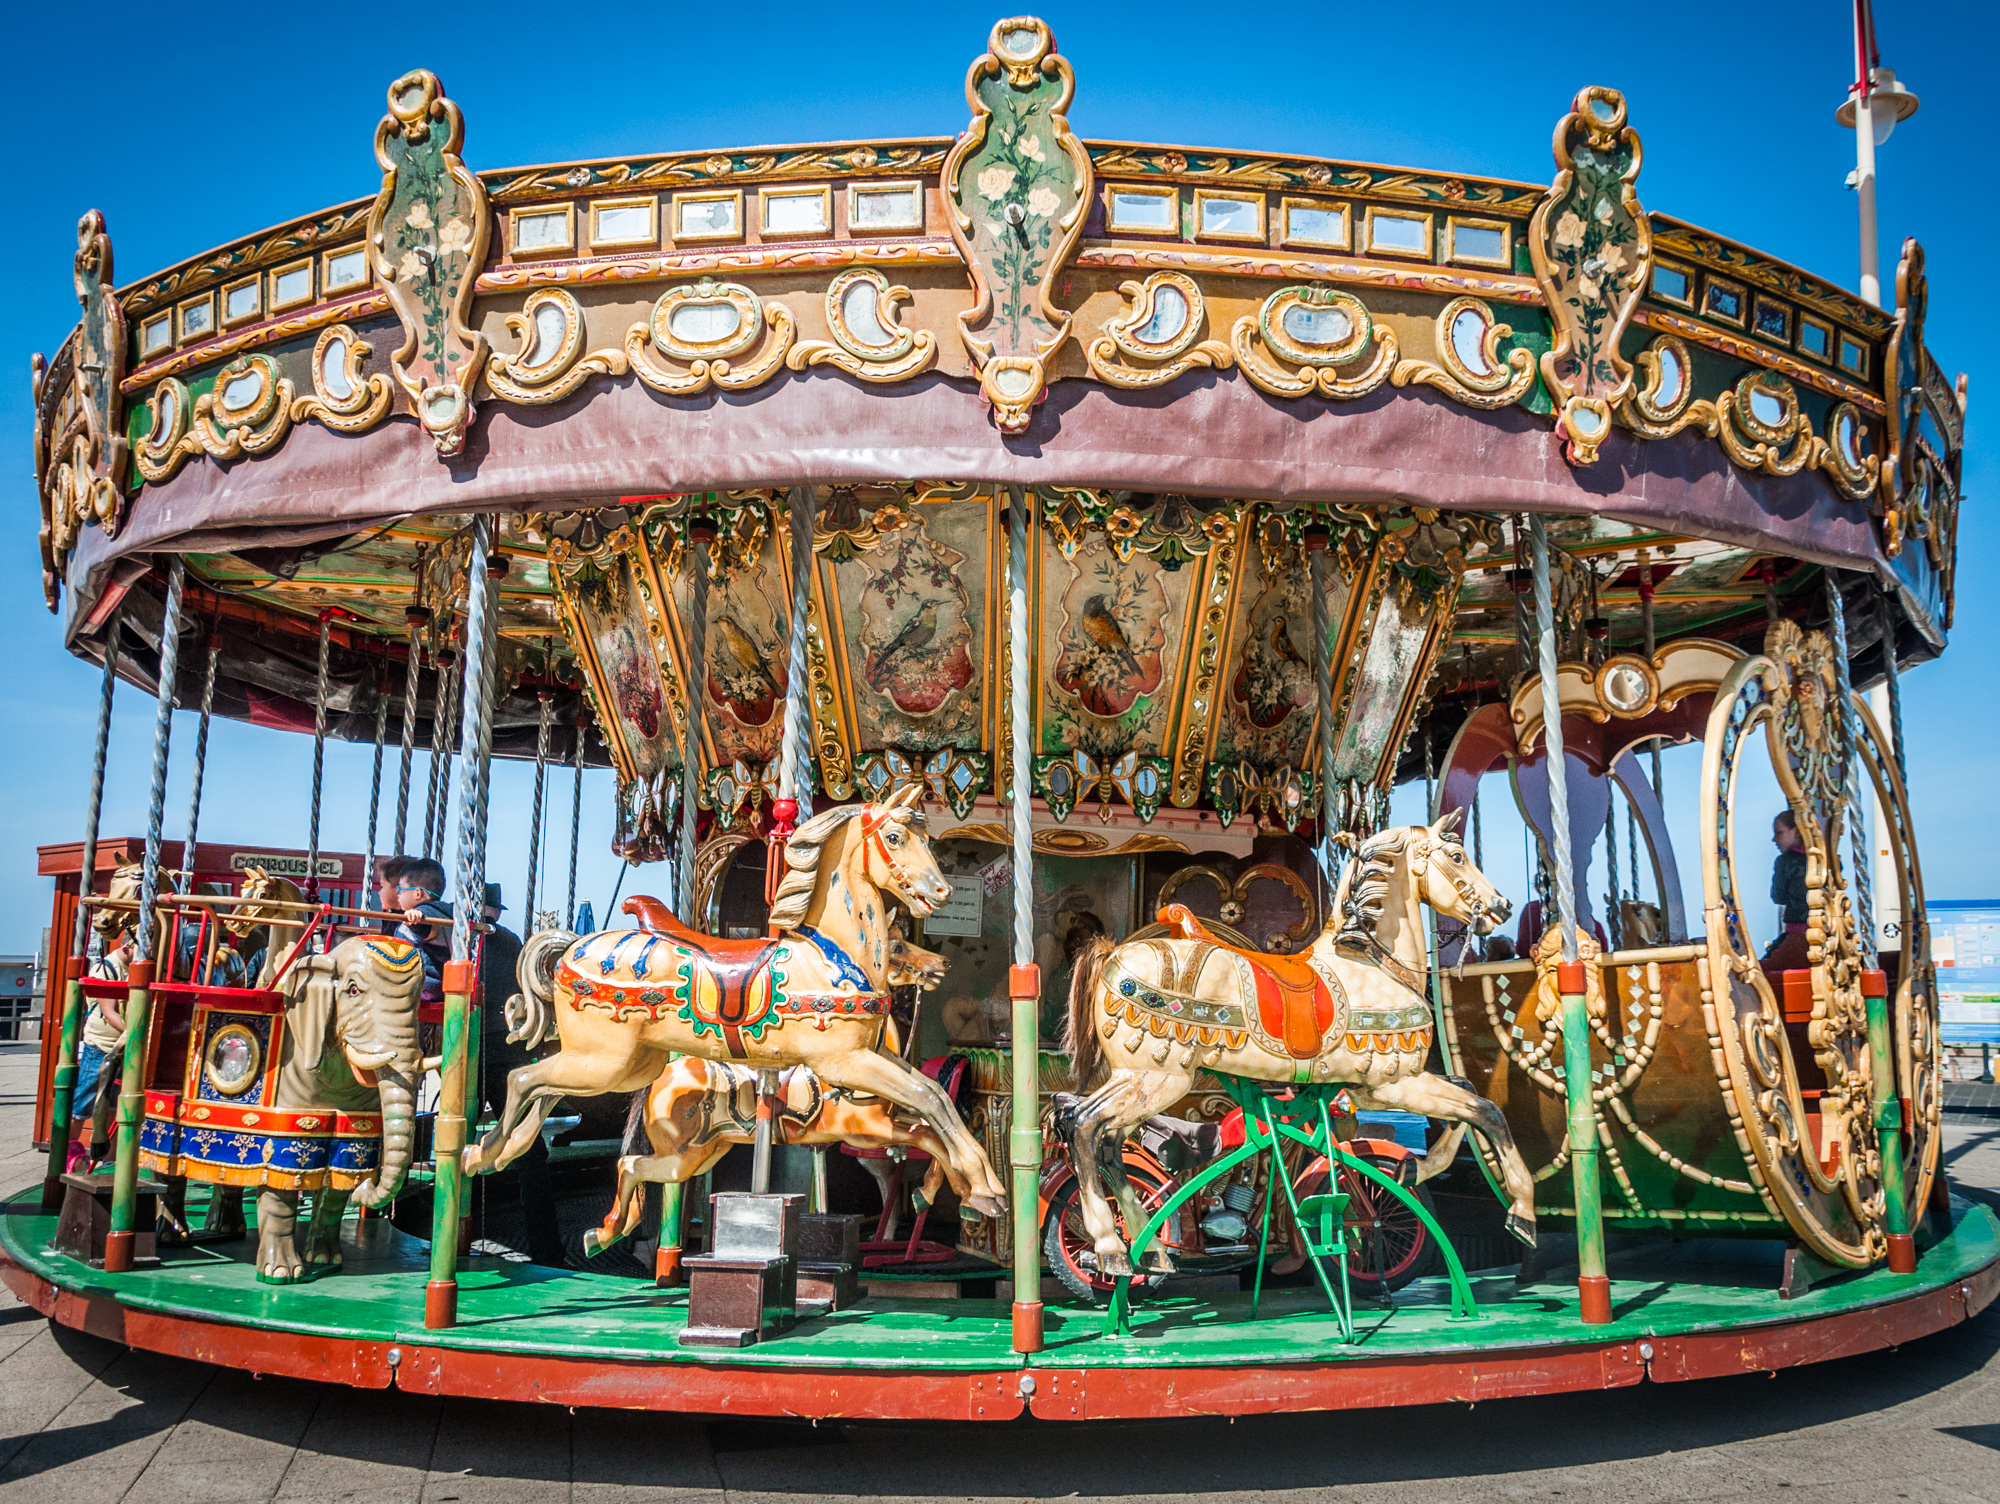 Old carousel, Amusement, Outside, Paris, Park, HQ Photo